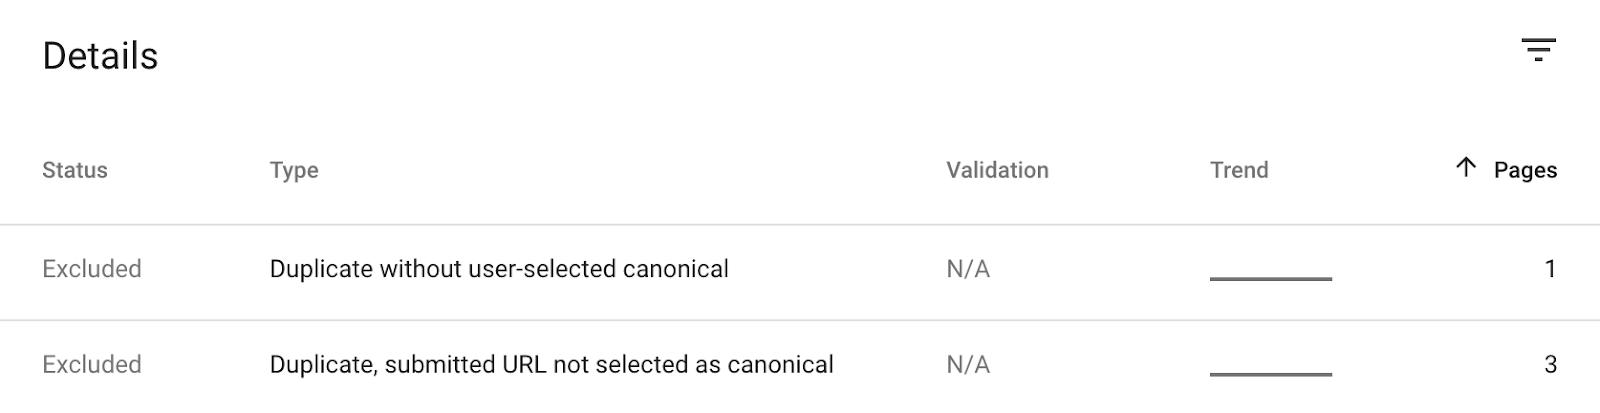 9 bảng điều khiển tìm kiếm nội dung trùng lặp